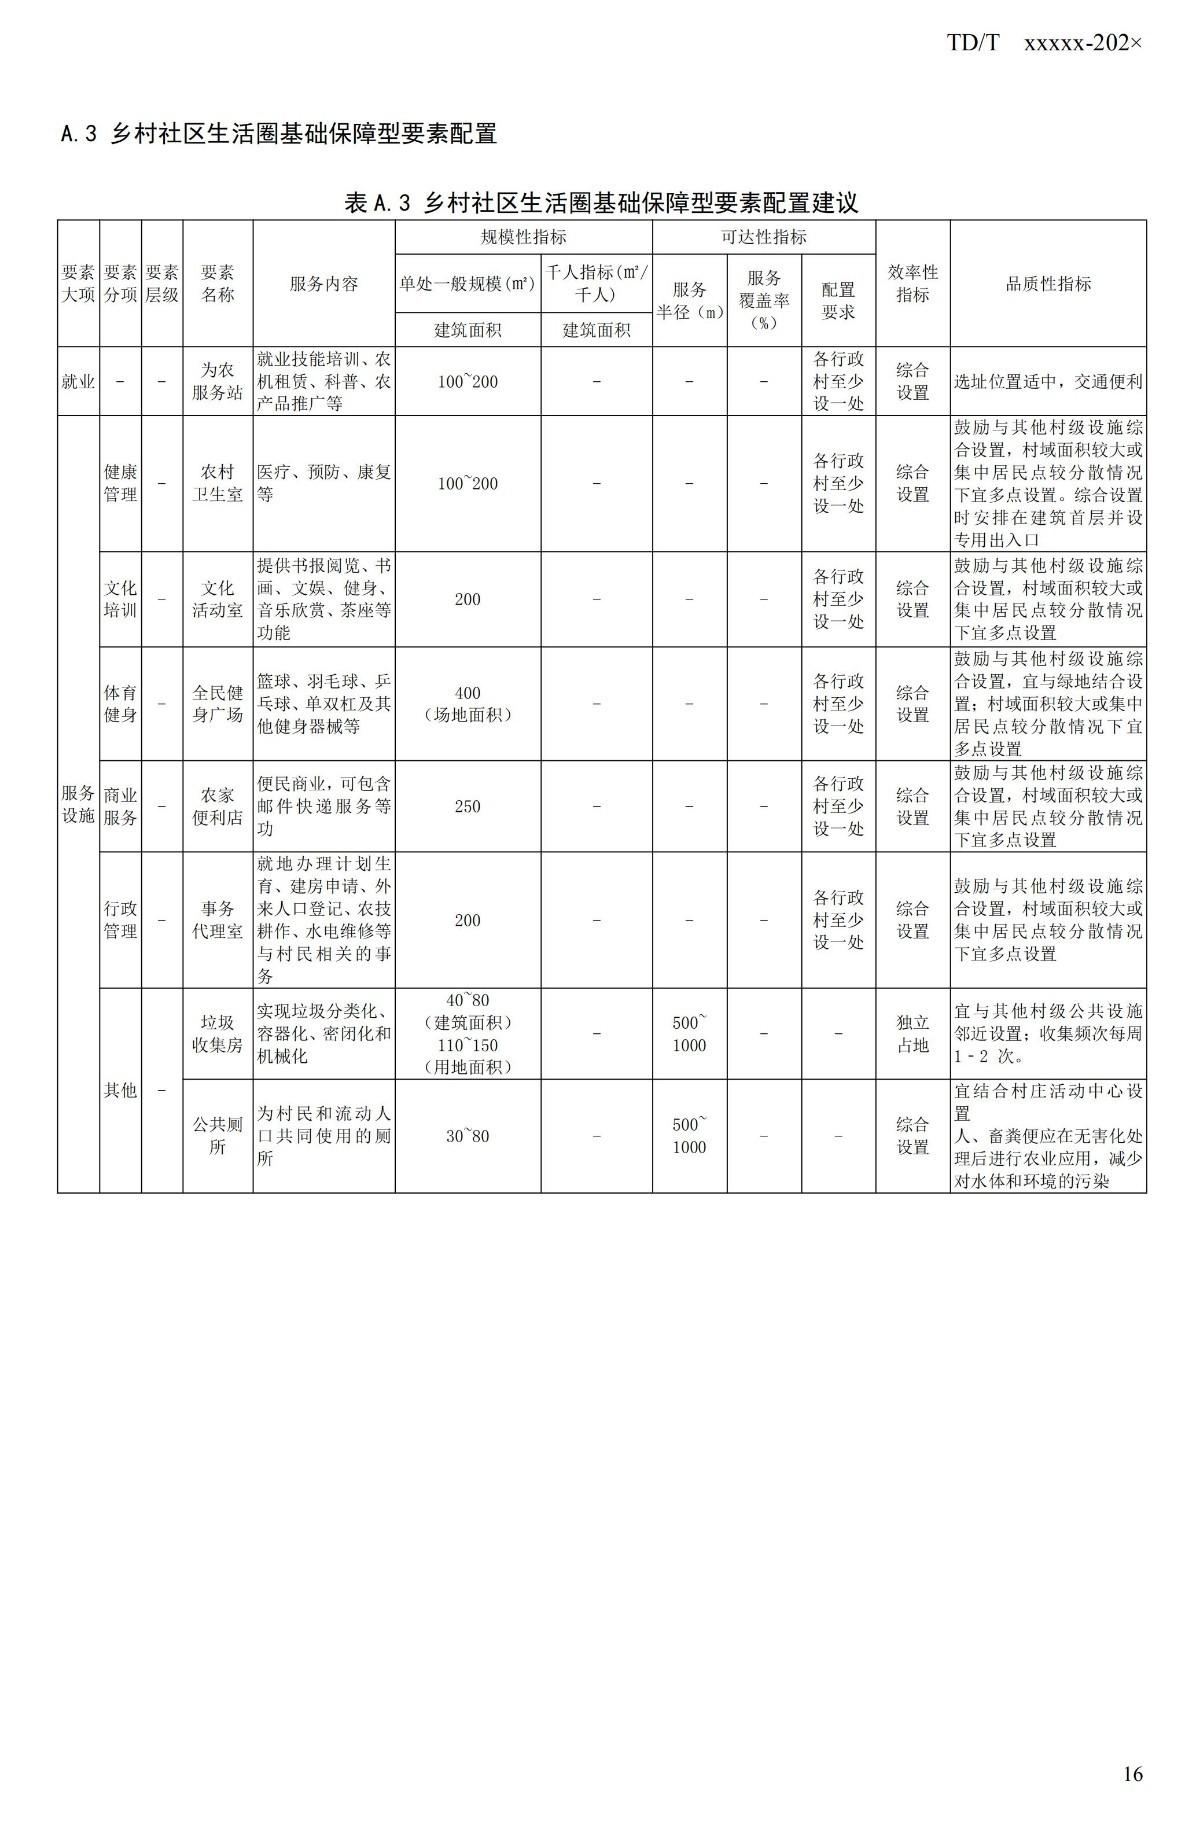 20_WD_240432_社区生活圈规划技术指南_21.jpg